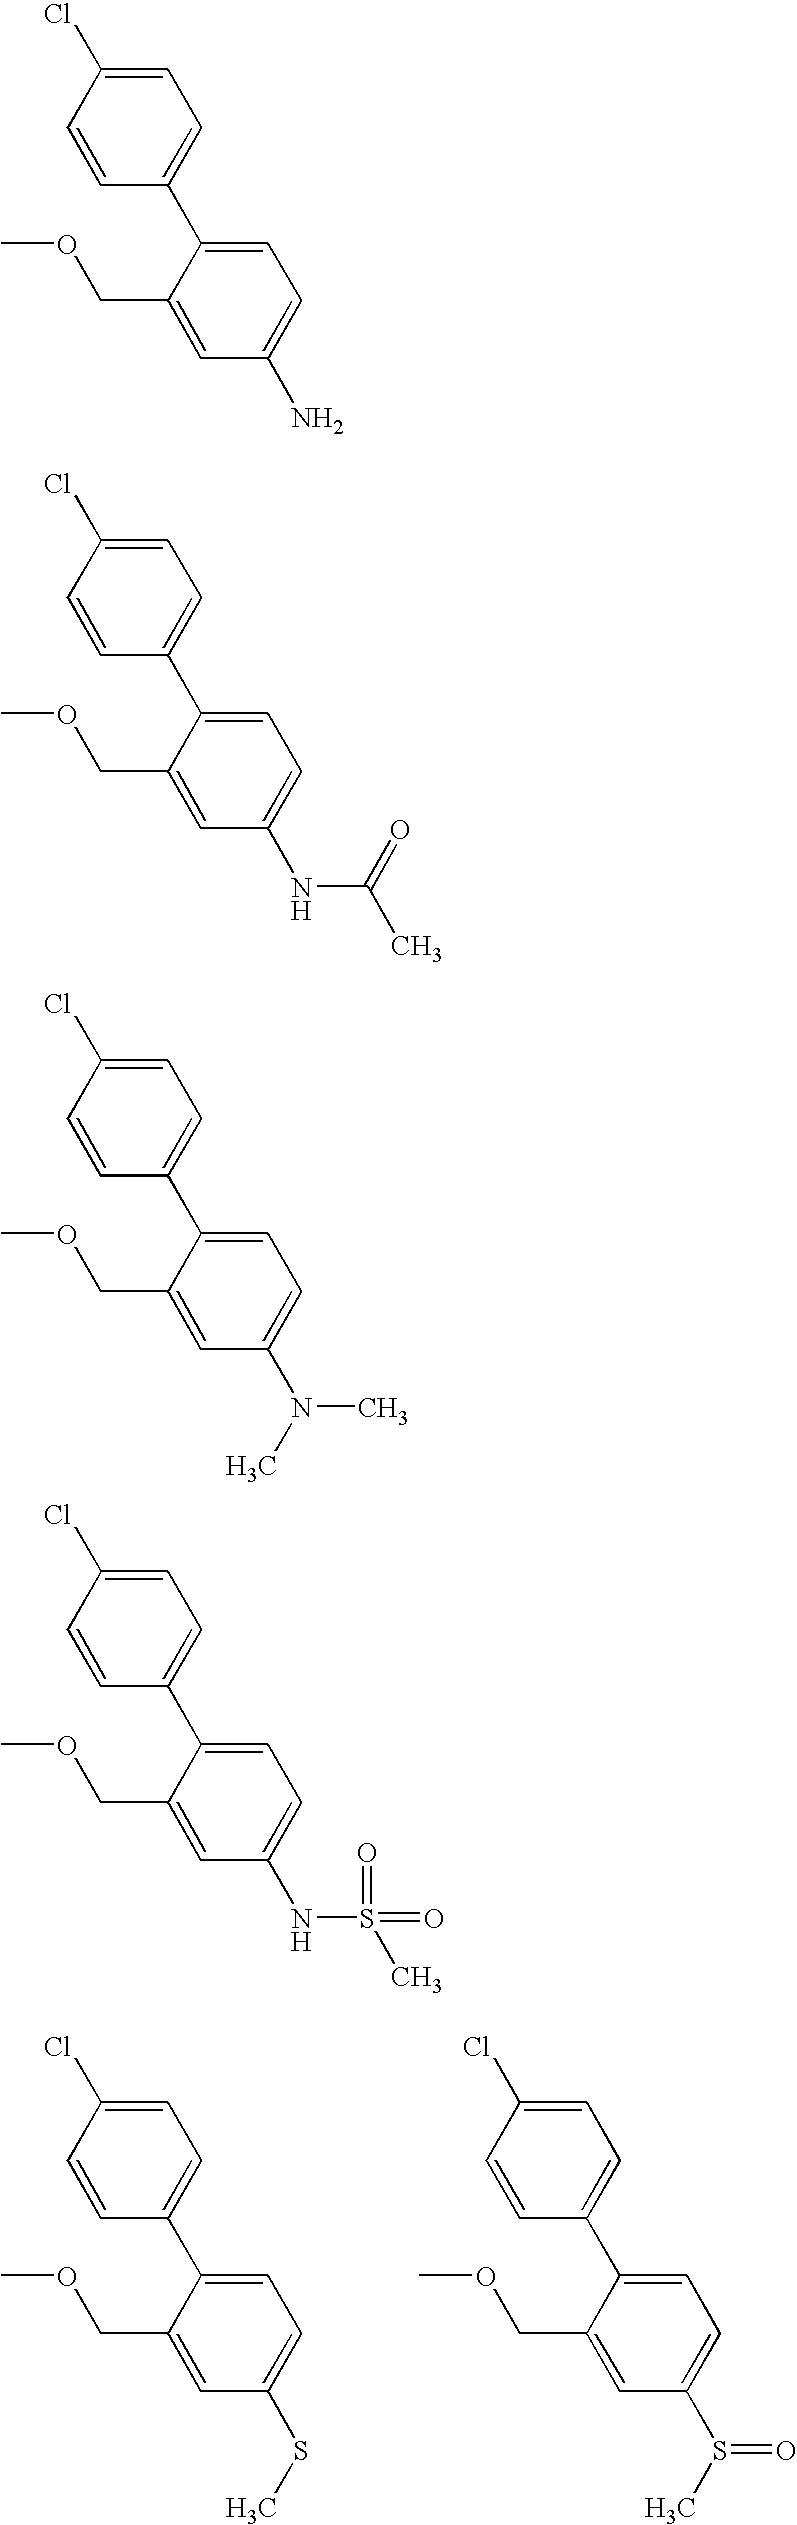 Figure US20070049593A1-20070301-C00228